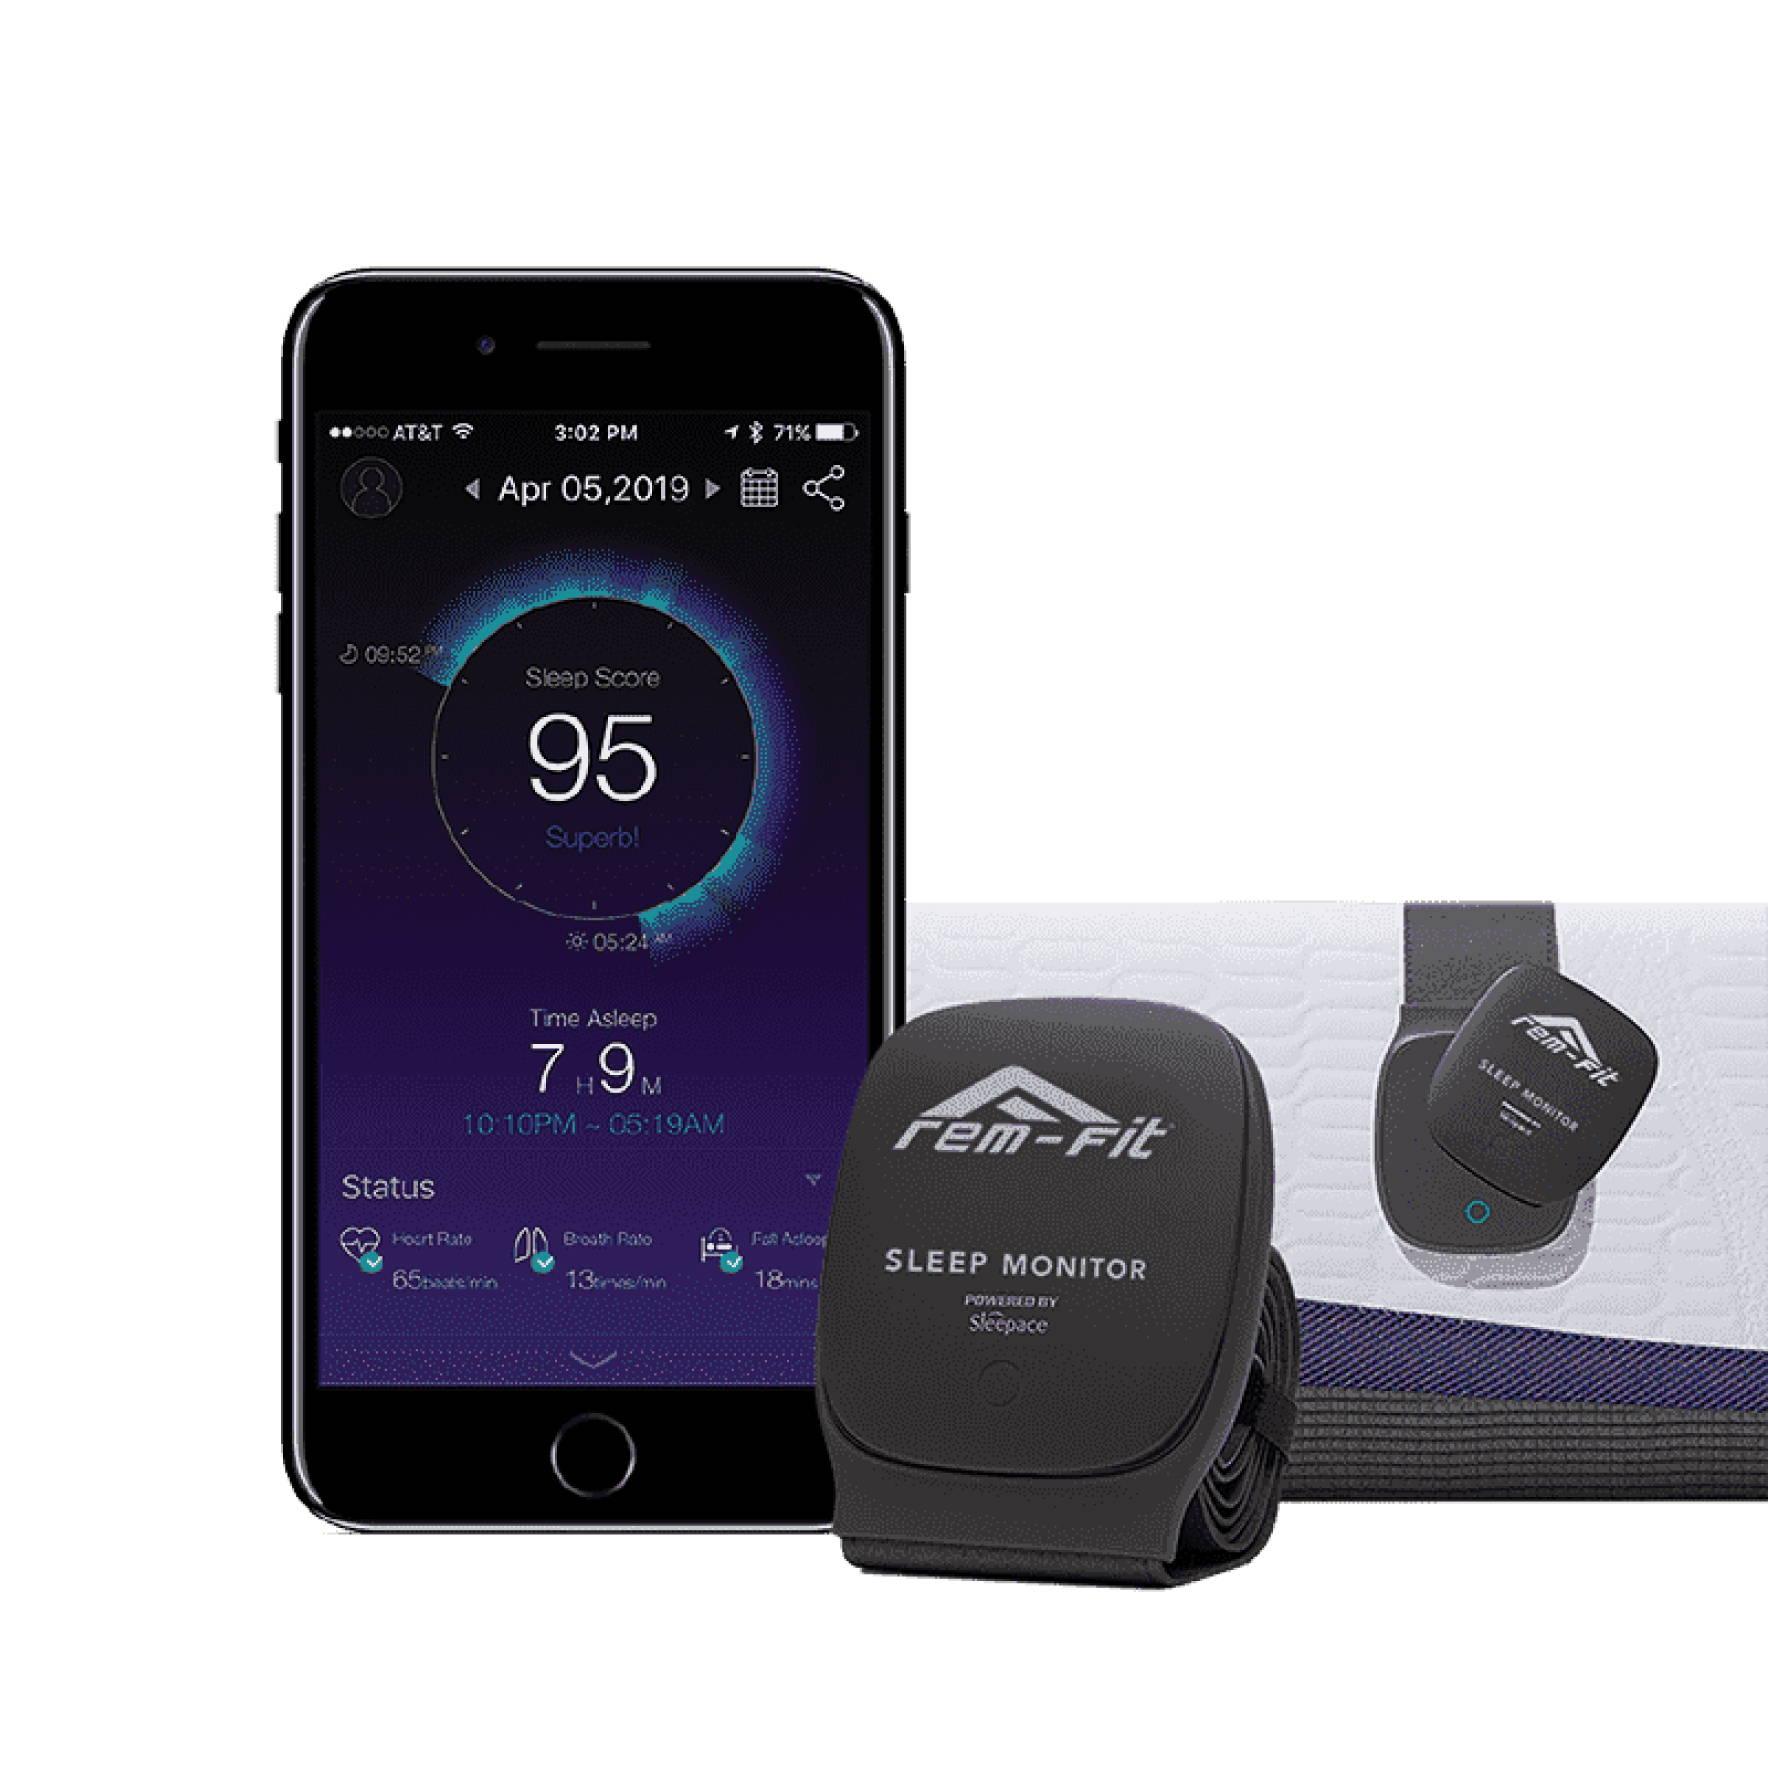 Optimal Sleep page. REM-Fit sleep tracker